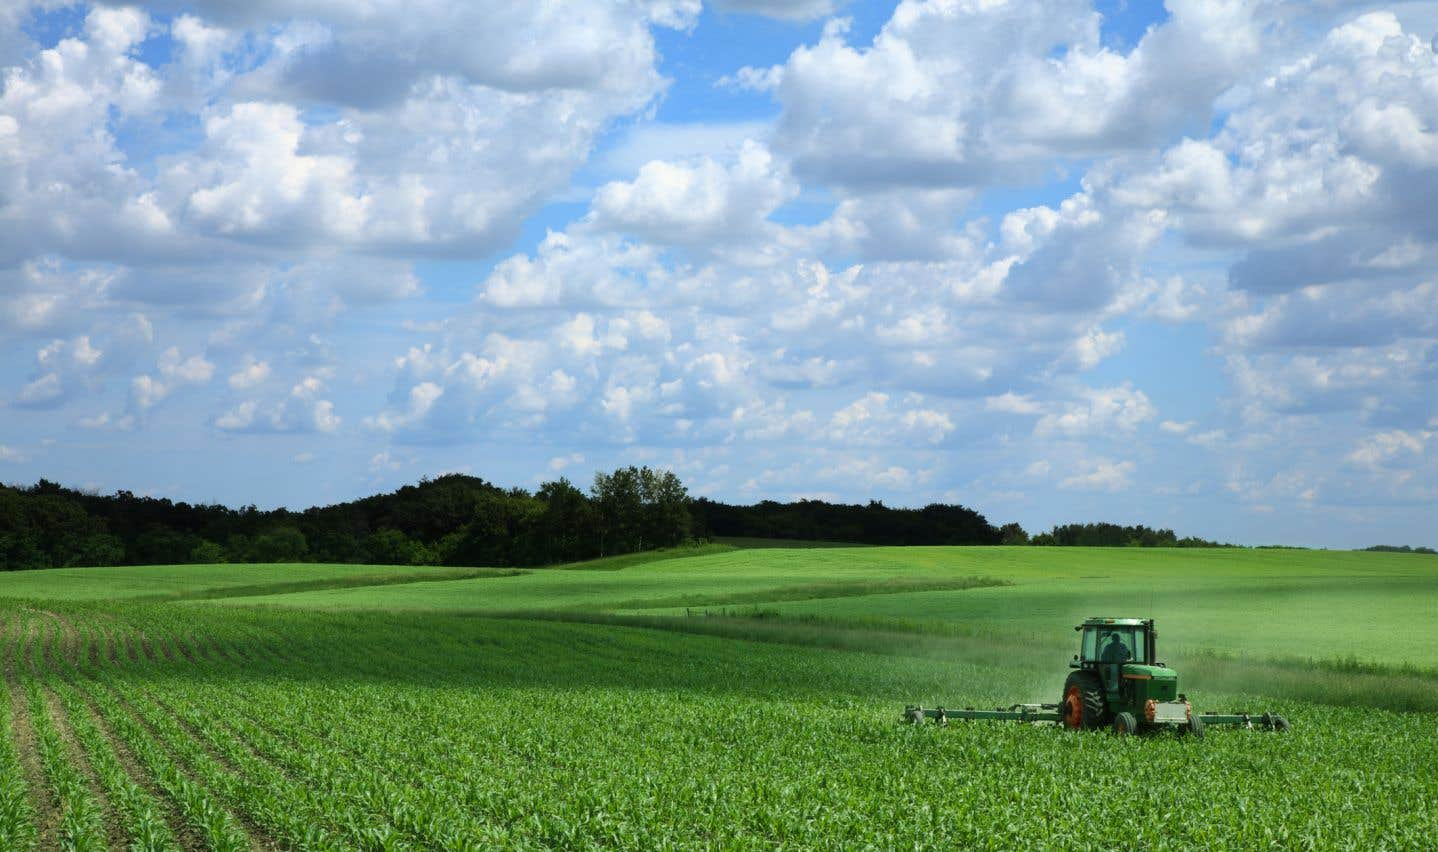 Trois des insecticides de type néonicotinoïdes les plus courants, ainsi que le chlorpyrifos et l'herbicide atrazine, ne pourront bientôt plus être appliqués sans l'autorisation écrite d'un agronome.